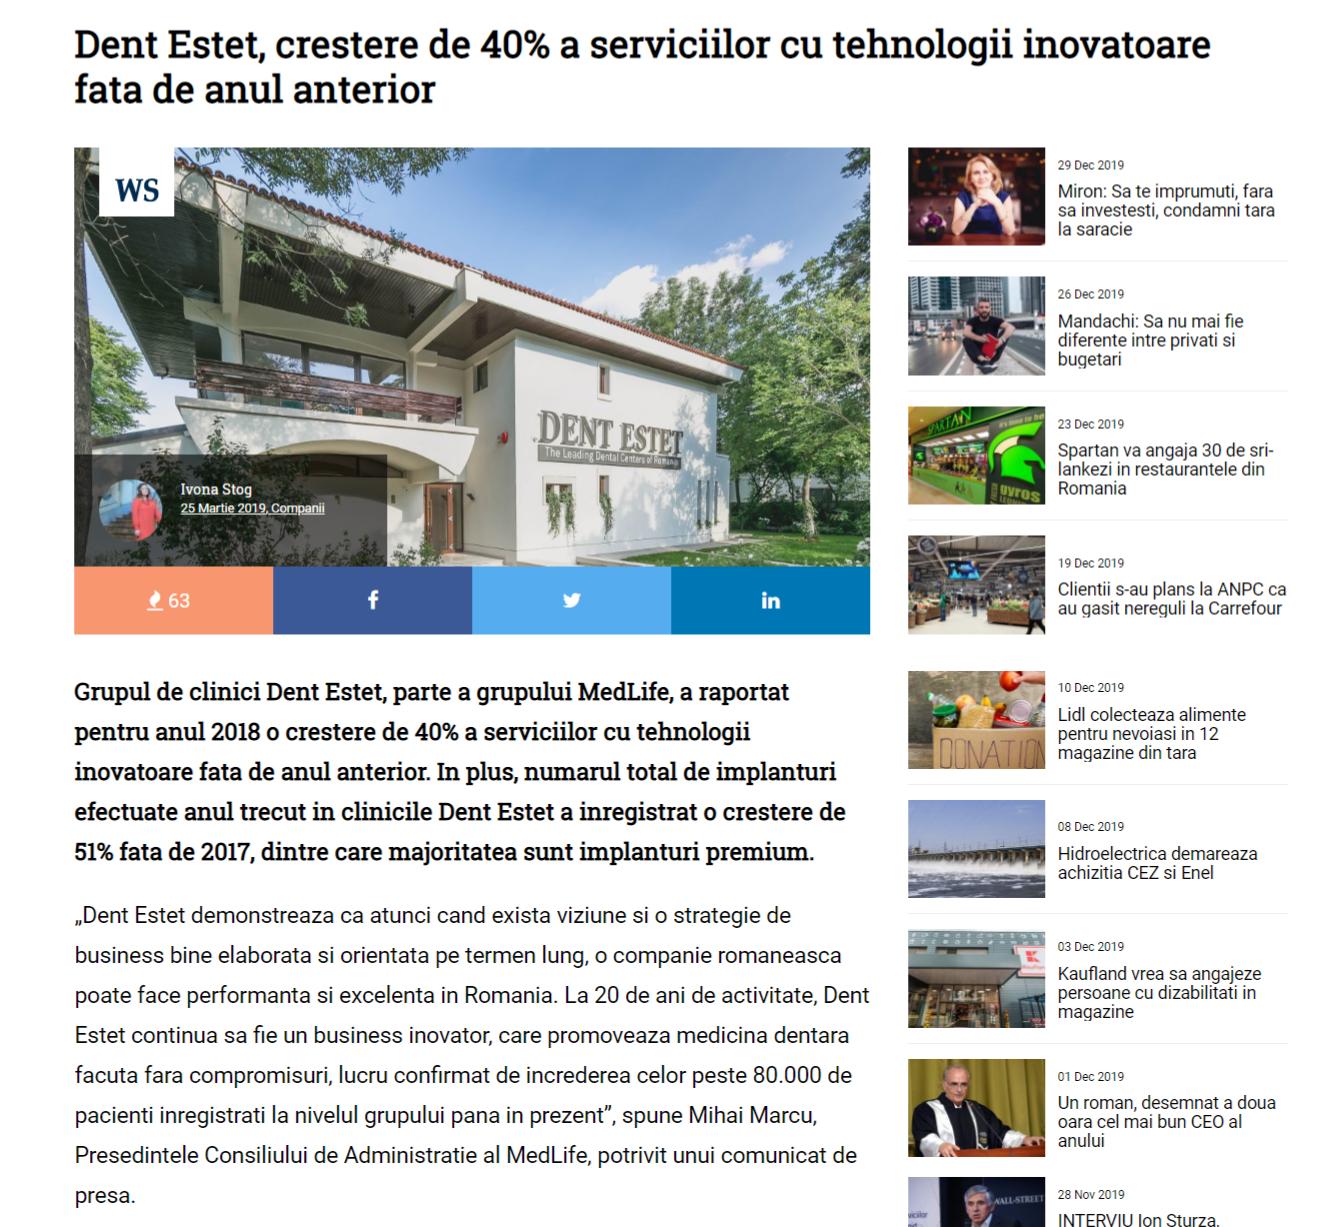 Dent Estet, crestere de 40% a serviciilor cu tehnologii inovatoare fata de anul anterior